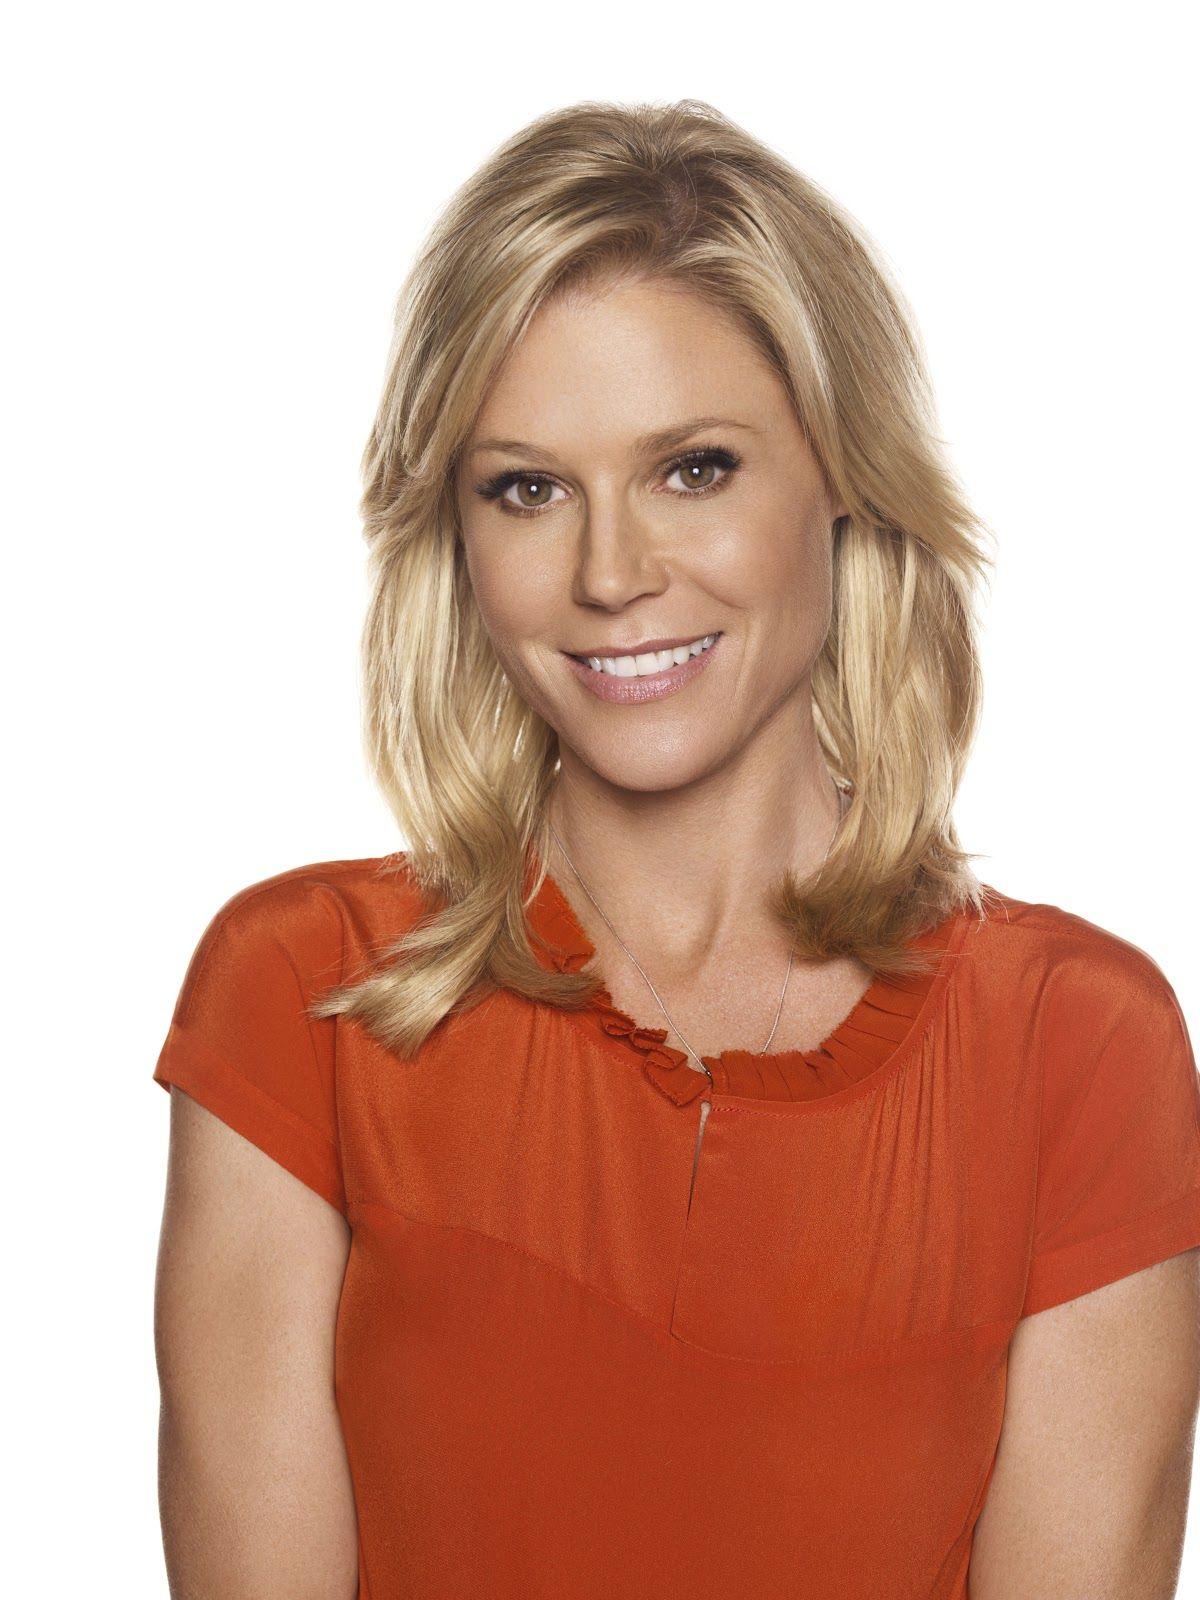 julie bowen | julie bowen from the tv show: modern family